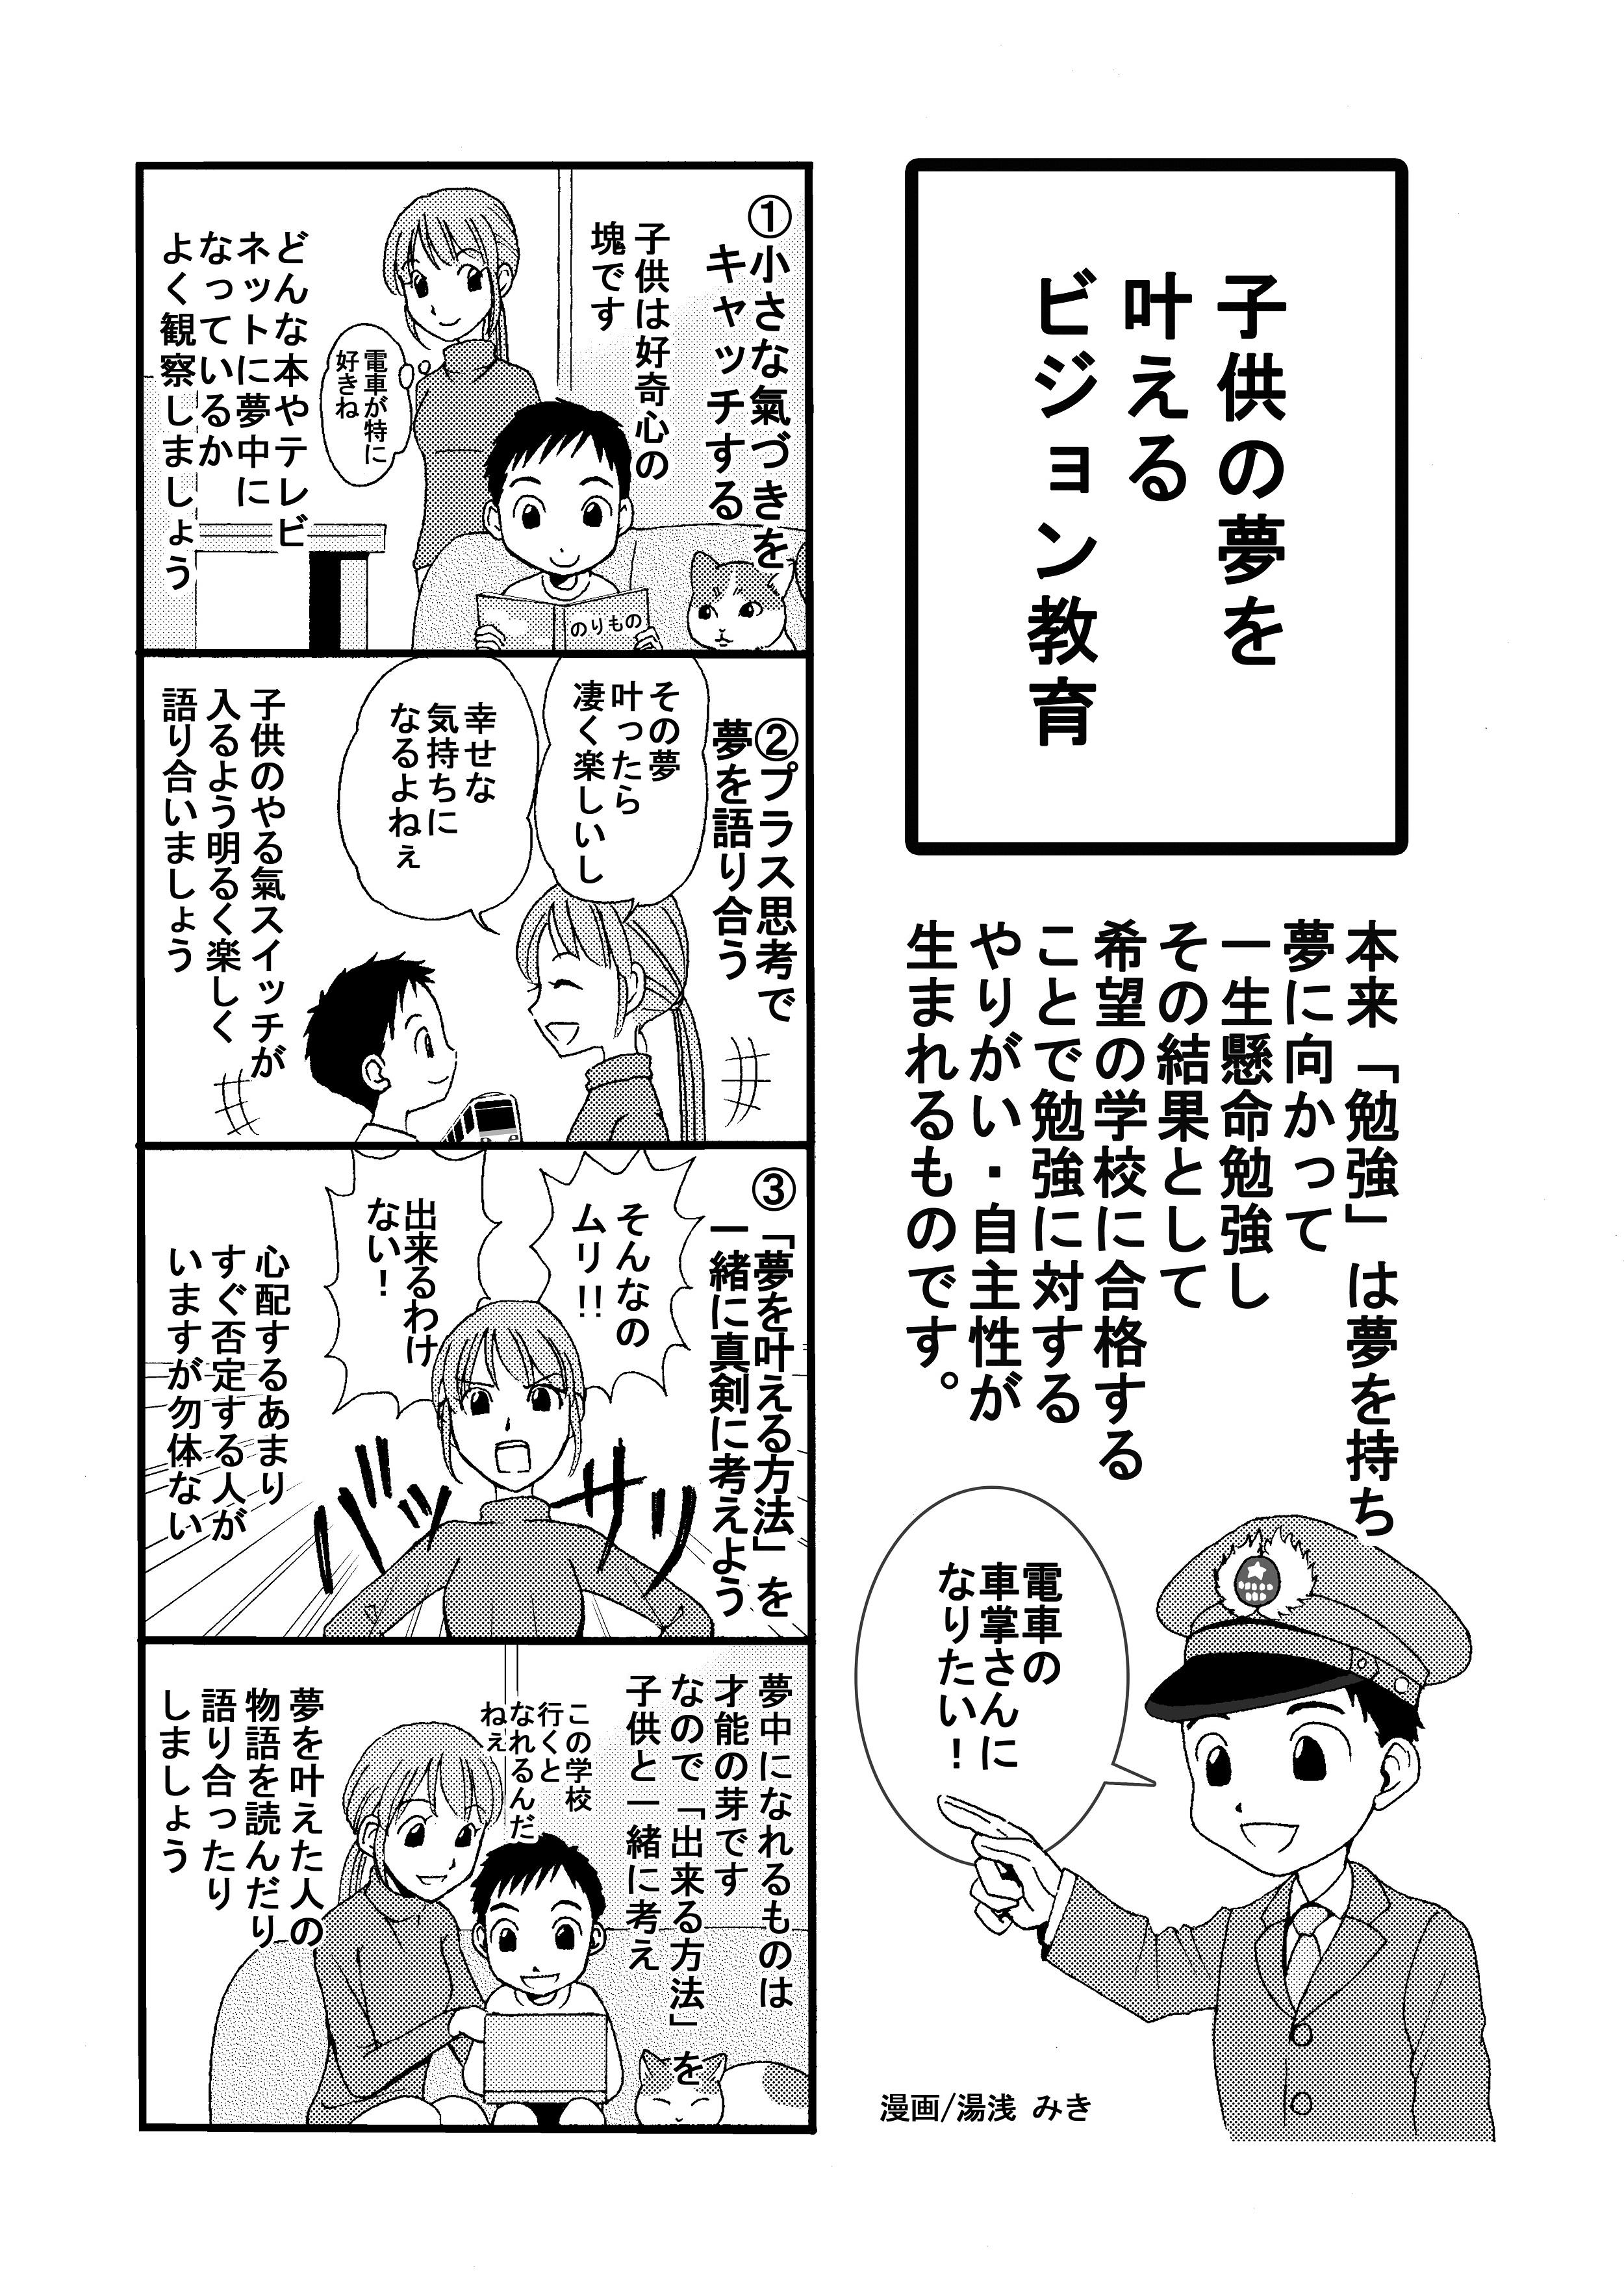 11話(W2500)